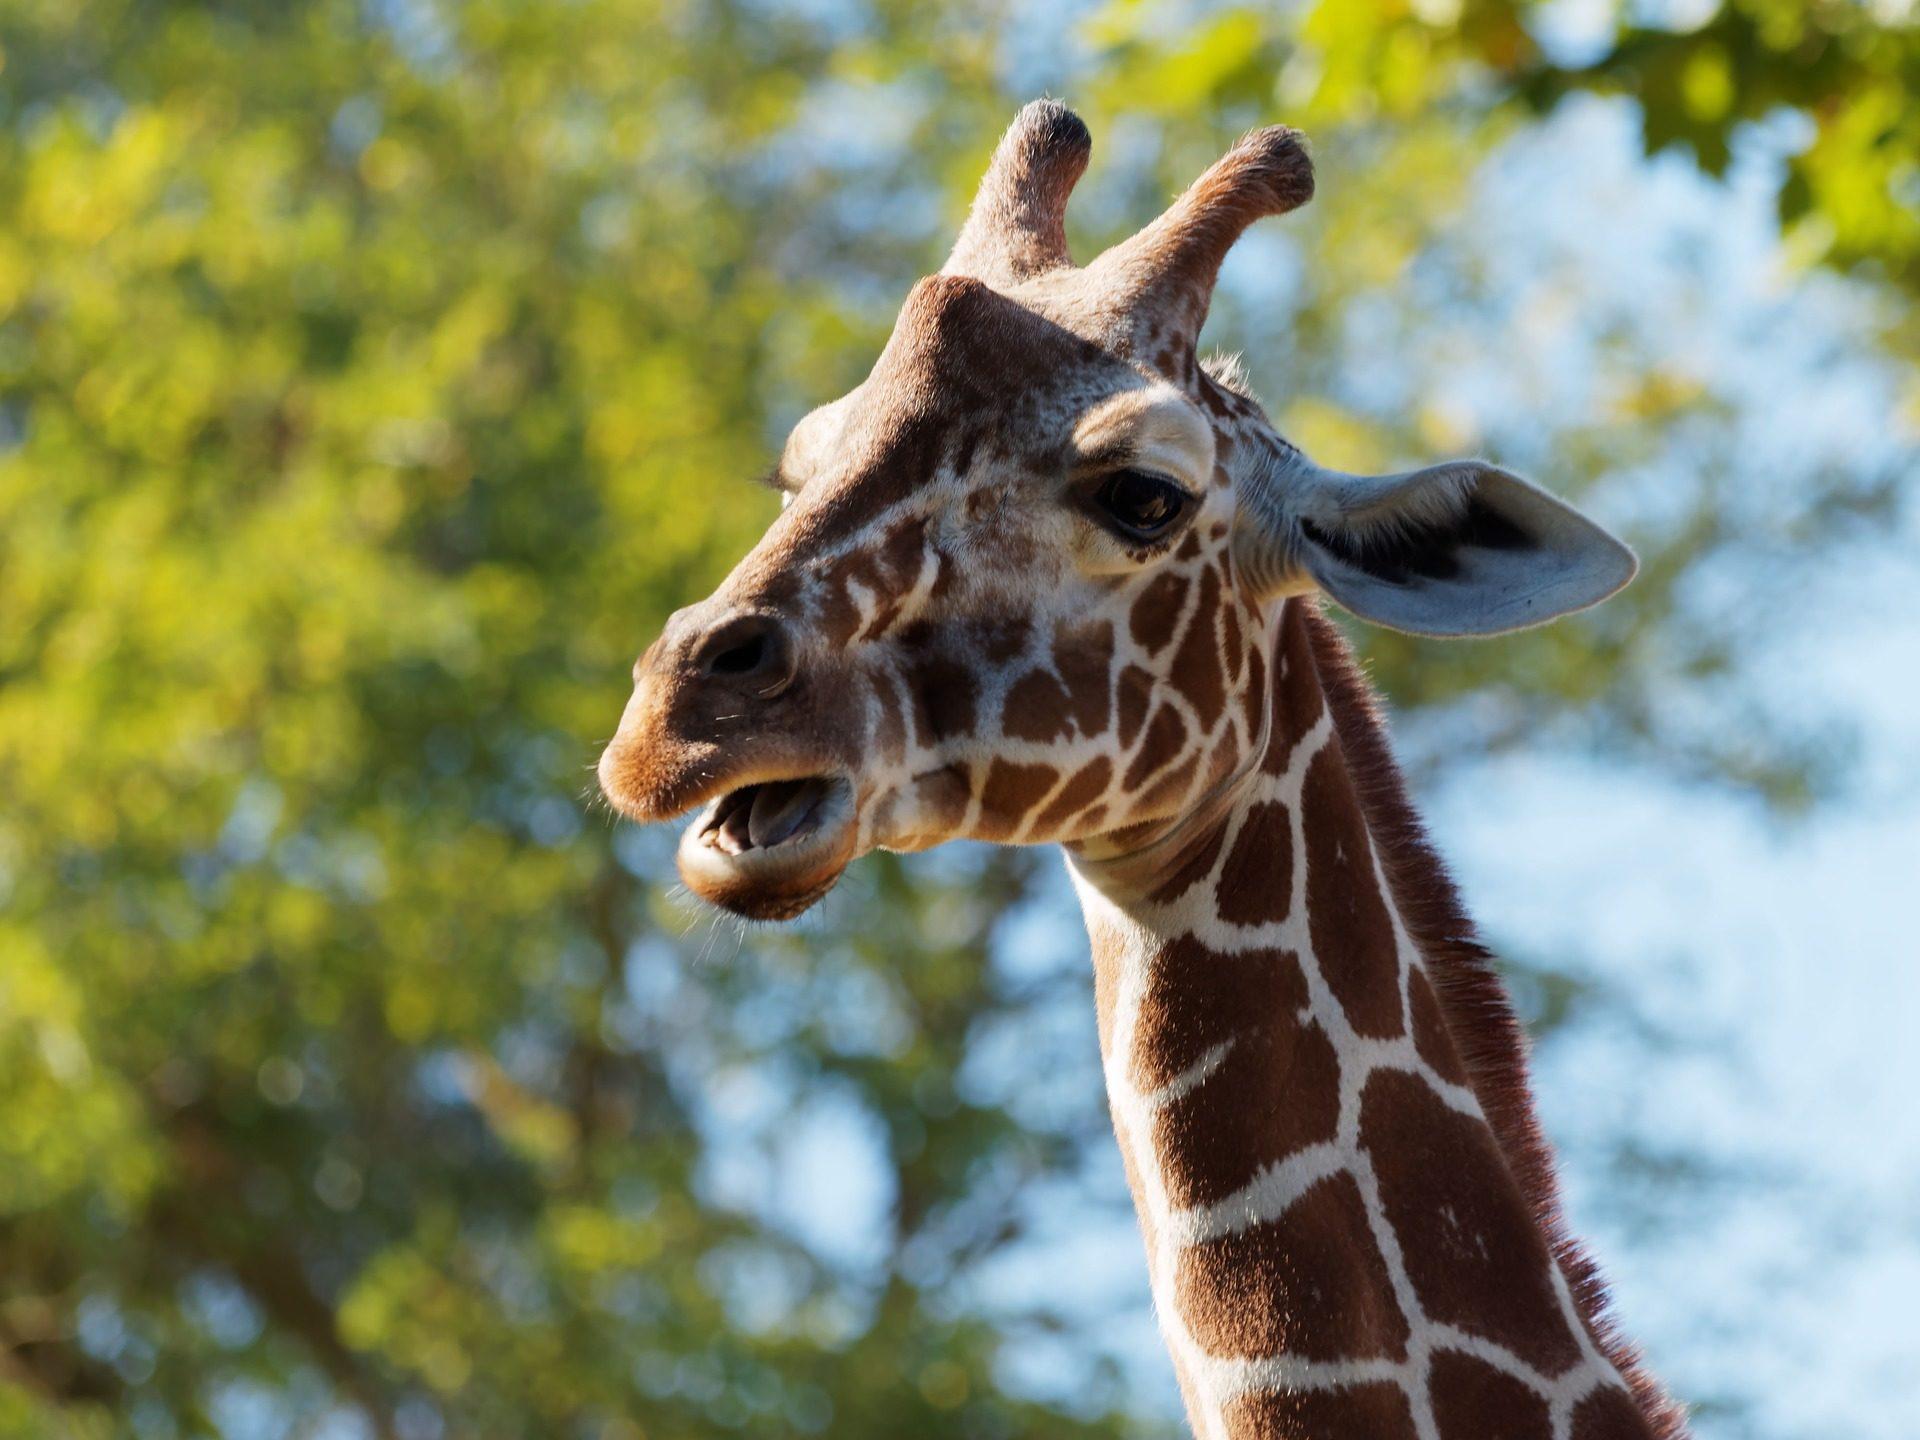 girafa, safari, áfrica, mamífero, cuernos - Fondos de Pantalla HD - professor-falken.com